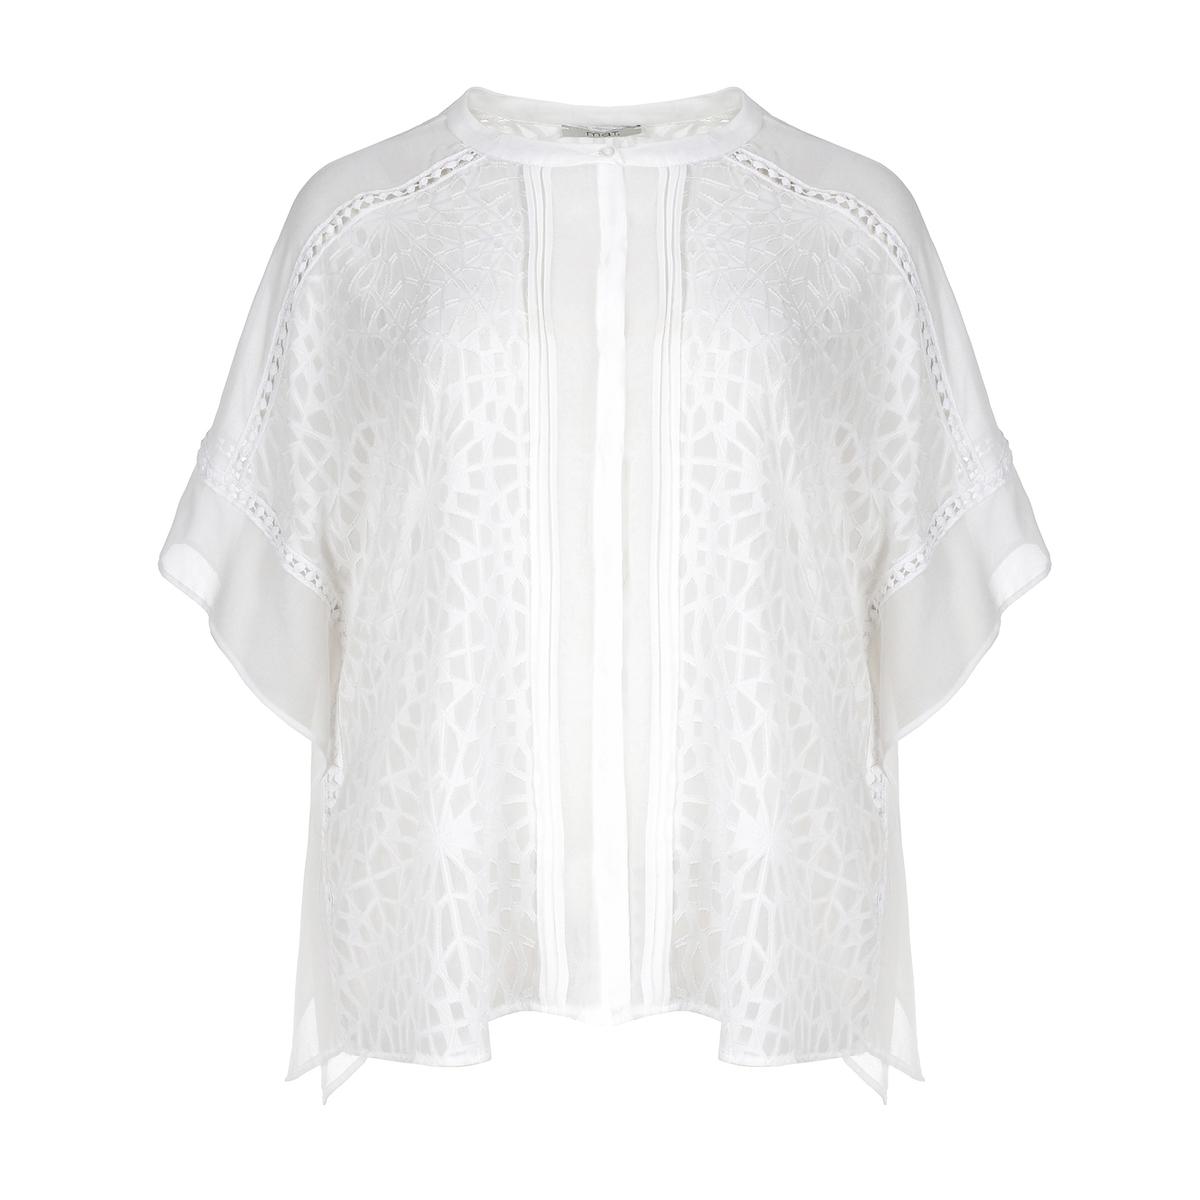 БлузкаБлузка из кружева с цветочным рисунком MAT FASHION. Блузка с низом из женственного и изящного кружева. Короткие рукава из струящейся ткани. Однотонная ткань на плечах и для отделки рукавов. Рубашечный воротник с изящной планкой застежки на пуговицы. 100% полиэстер<br><br>Цвет: белый<br>Размер: 44/48